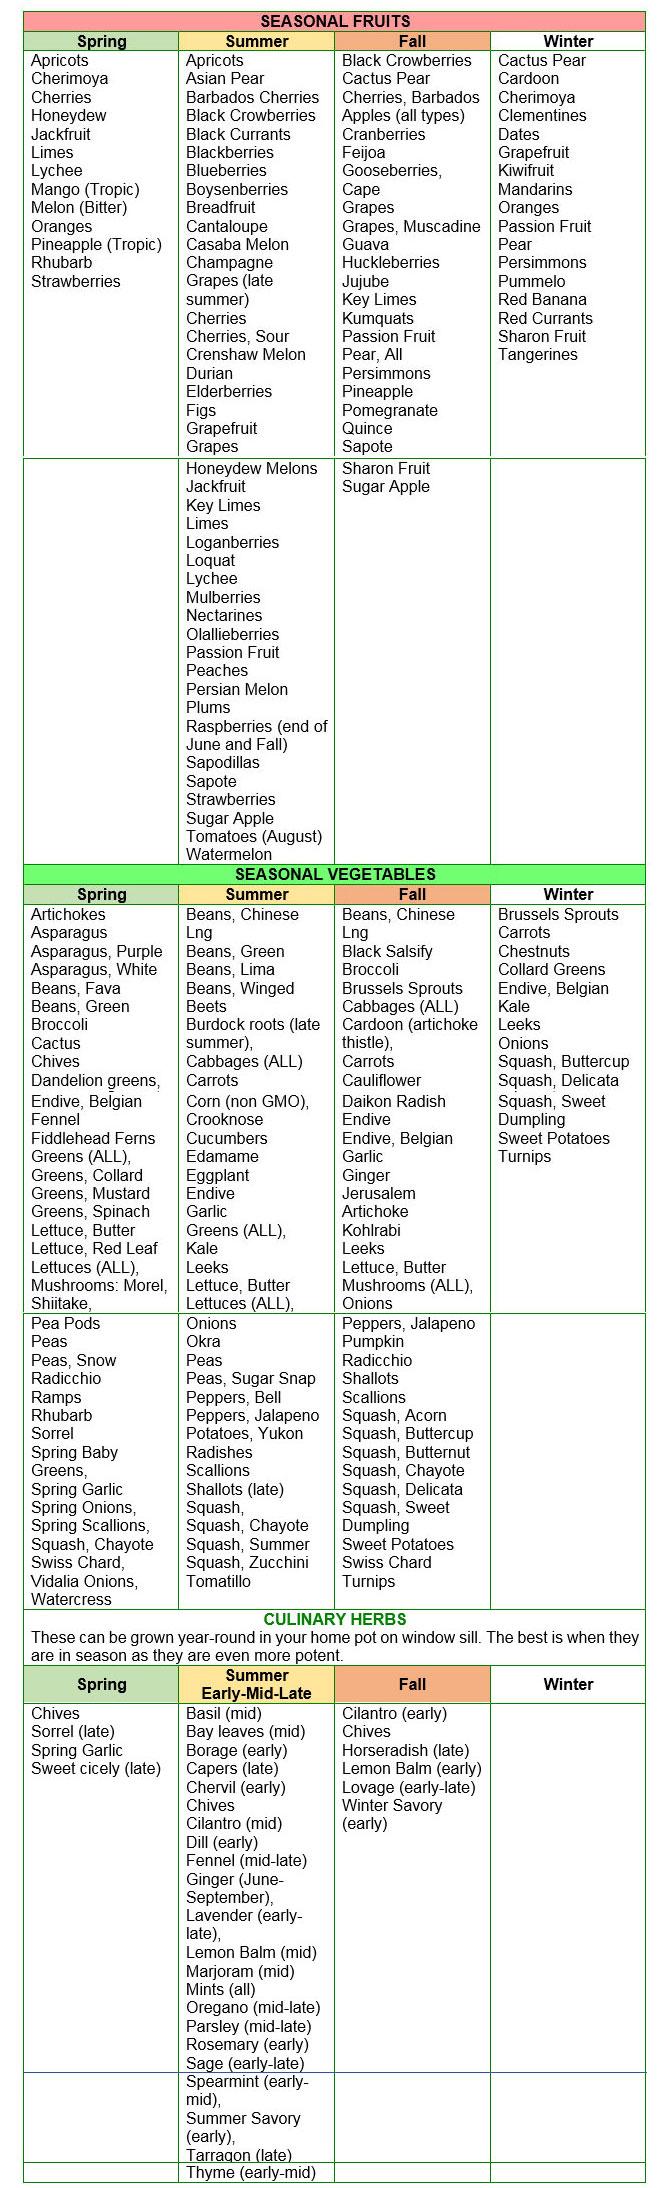 seasonal-chart